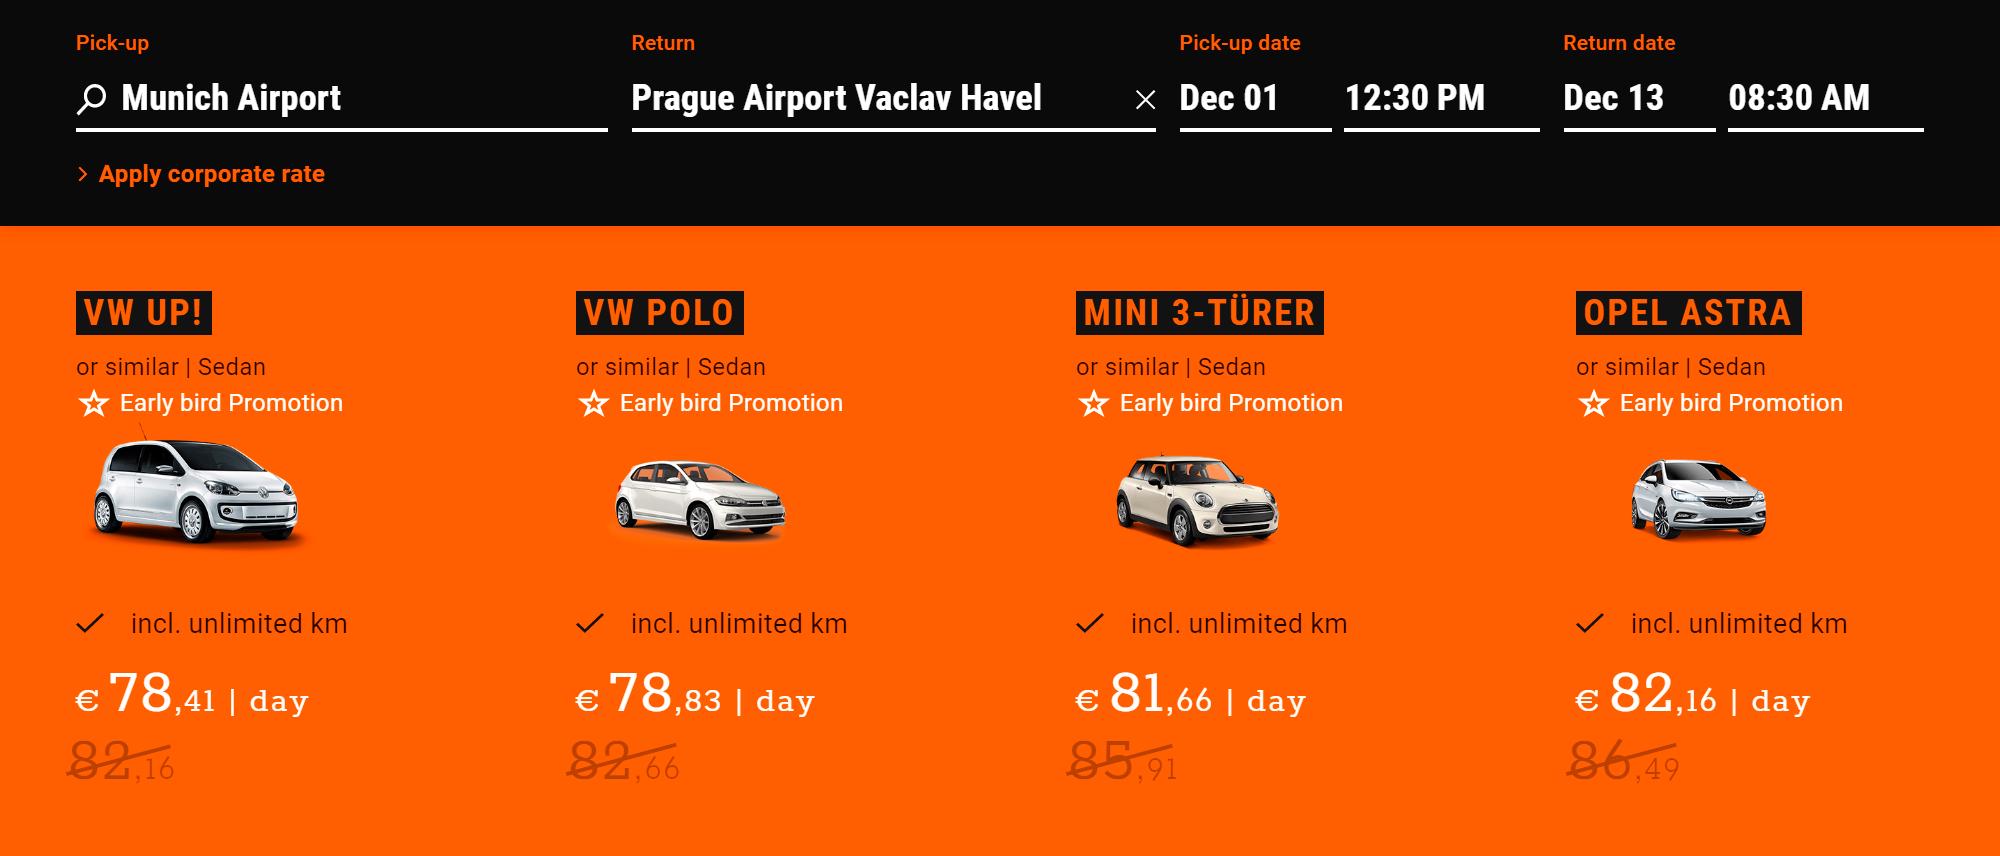 Иногда вернуть авто можно даже в другой стране. Но стоить это может очень дорого. Например, в «Сиксте» Фольксваген Поло можно взять в Мюнхене и вернуть в Праге за 78,8€ (6132<span class=ruble>Р</span>) в день